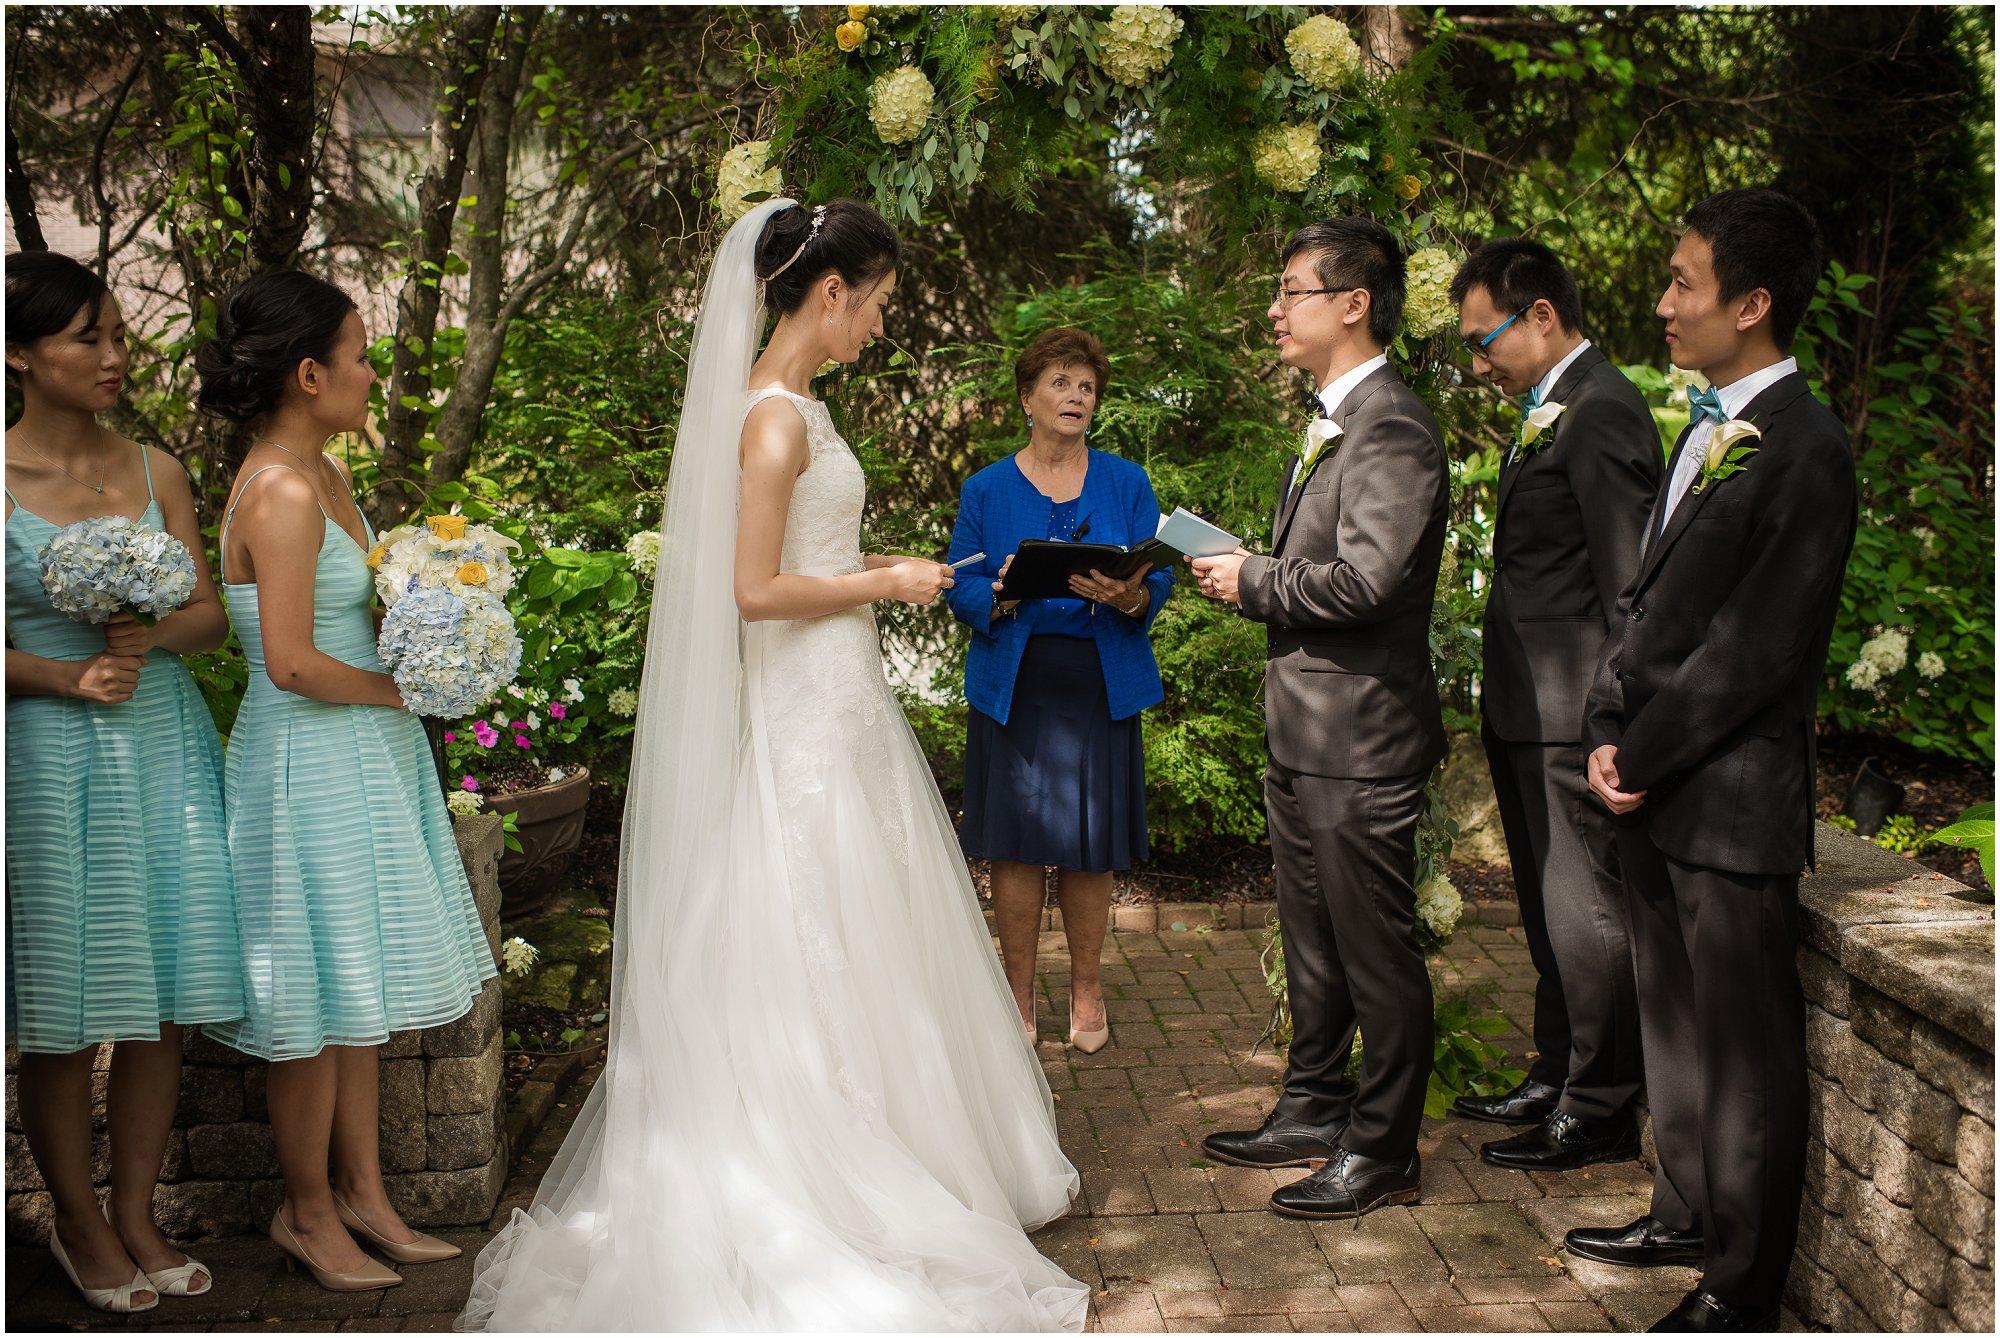 University-of-michigan-museum-of-art-wedding_1327.jpg